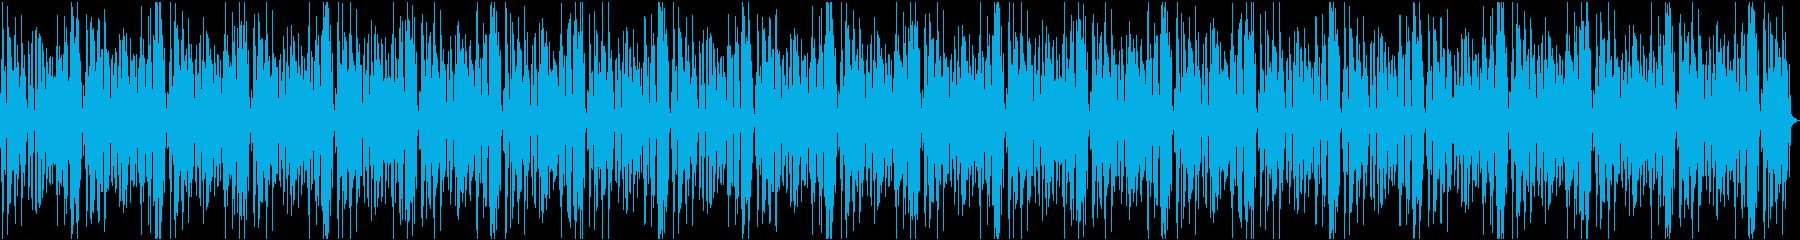 企業VP59 ハープ・穏やか・BGMの再生済みの波形